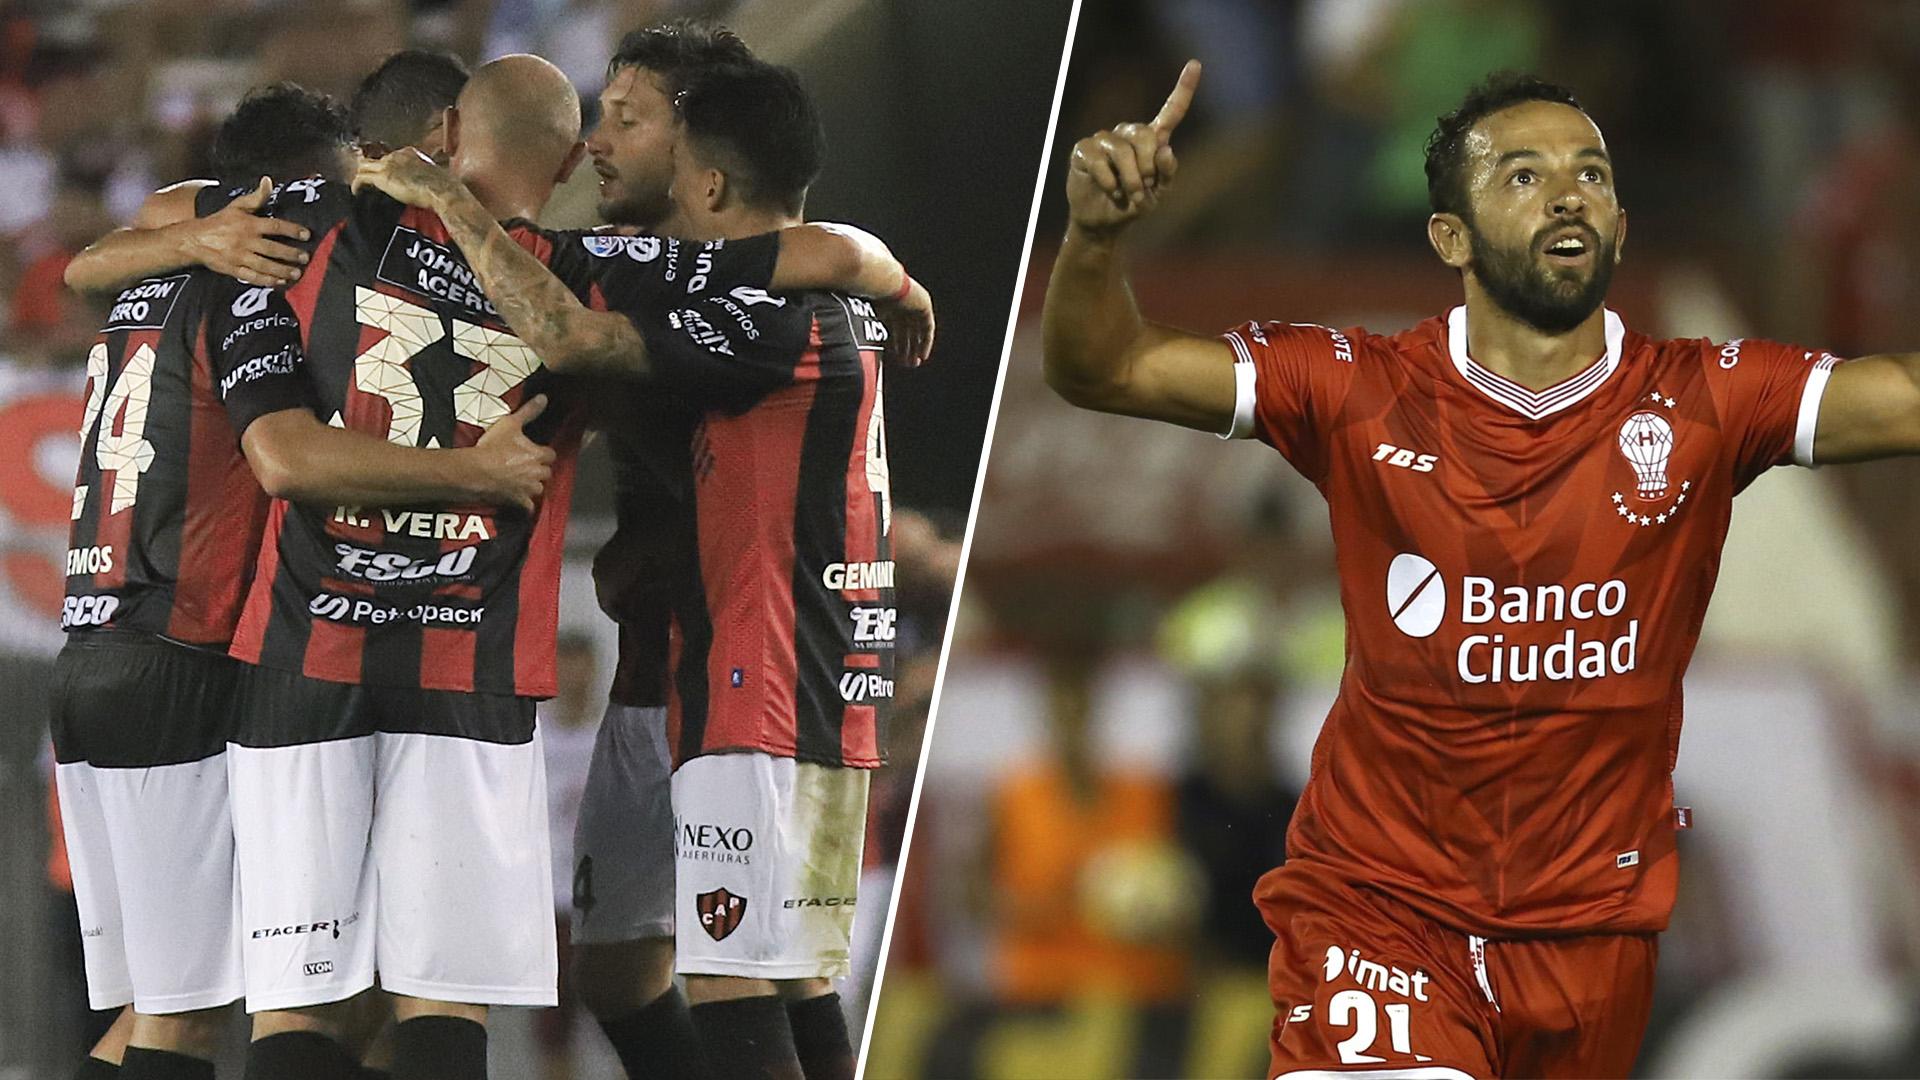 Patronato recibirá a Huracán por la fecha 21° de la Superliga